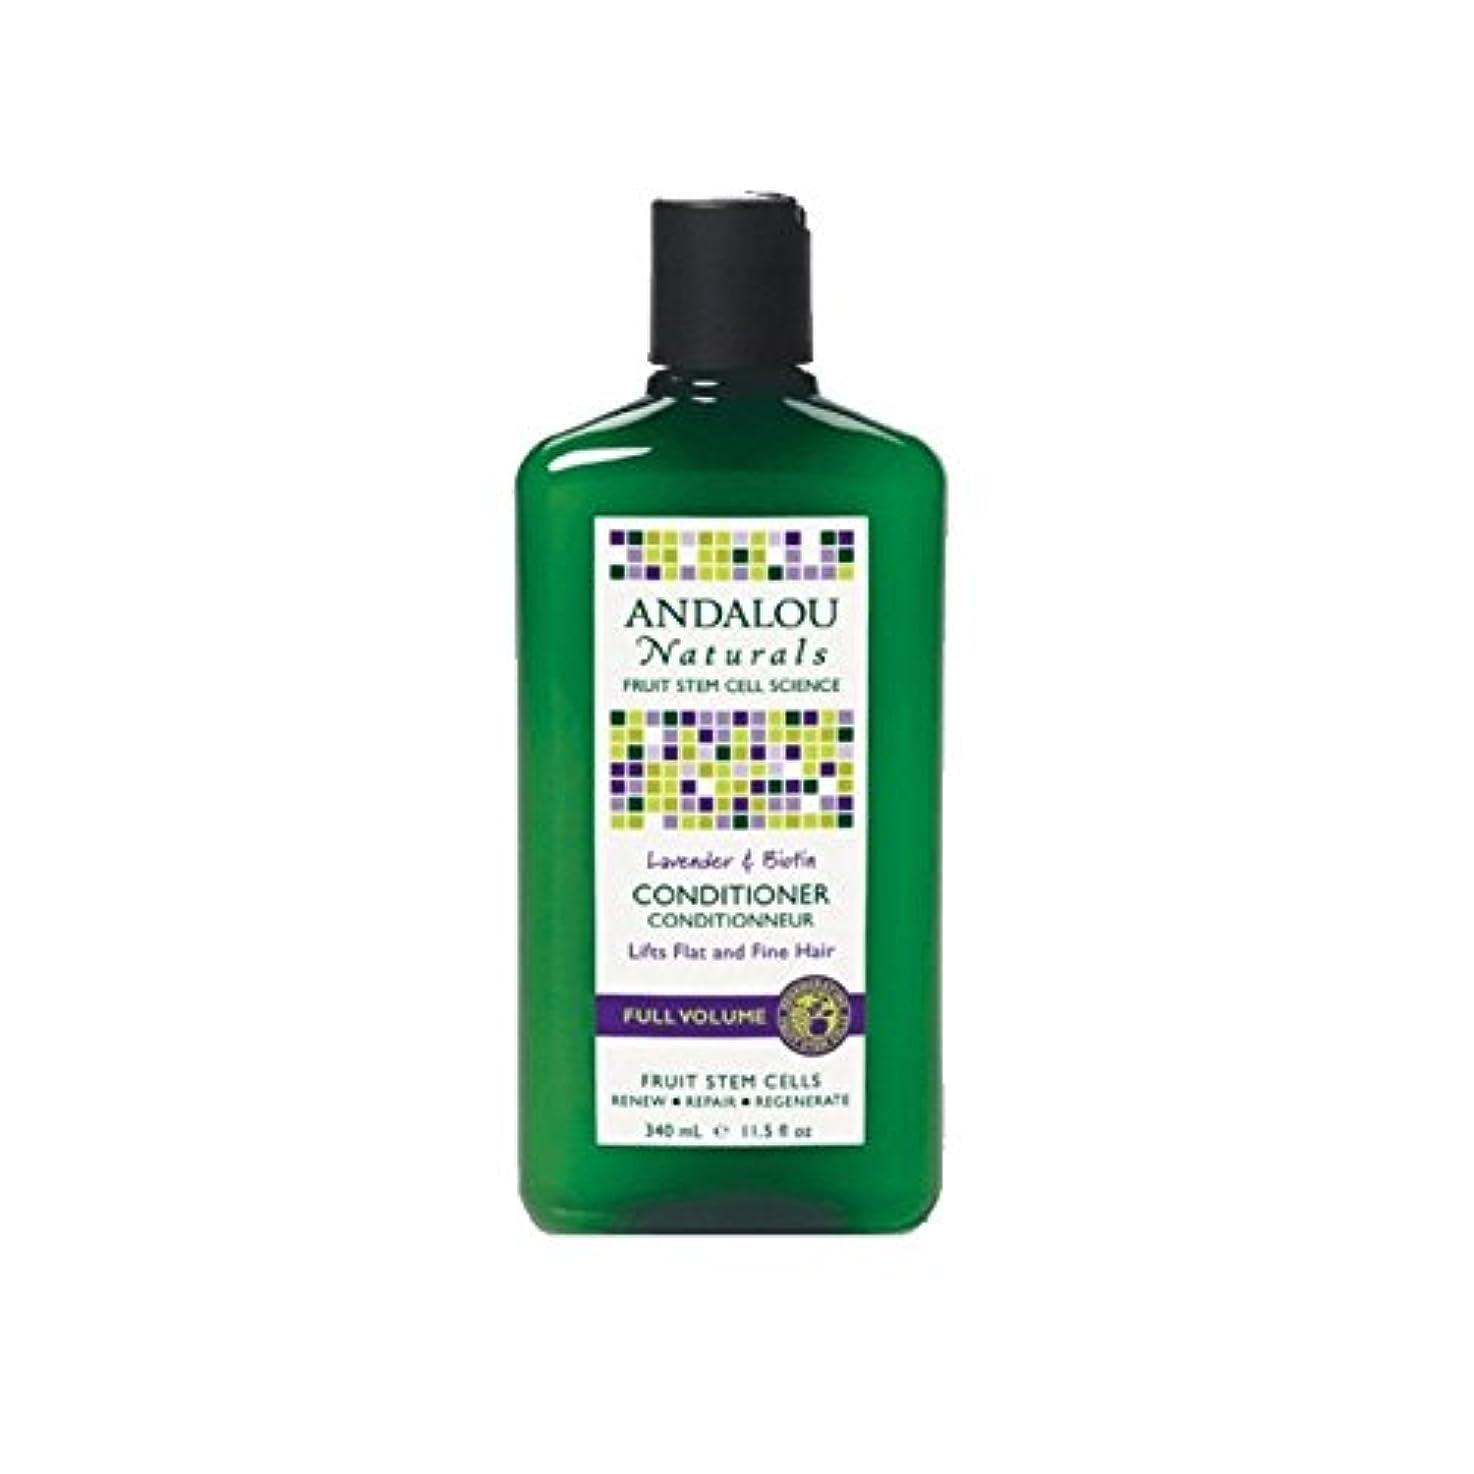 遠え肉屋弱まるAndalou Lavender & Biotin Full Volume Conditioner 340ml (Pack of 2) - アンダロウラベンダー&ビオチンフルボリュームコンディショナー340ミリリットル (x2) [並行輸入品]